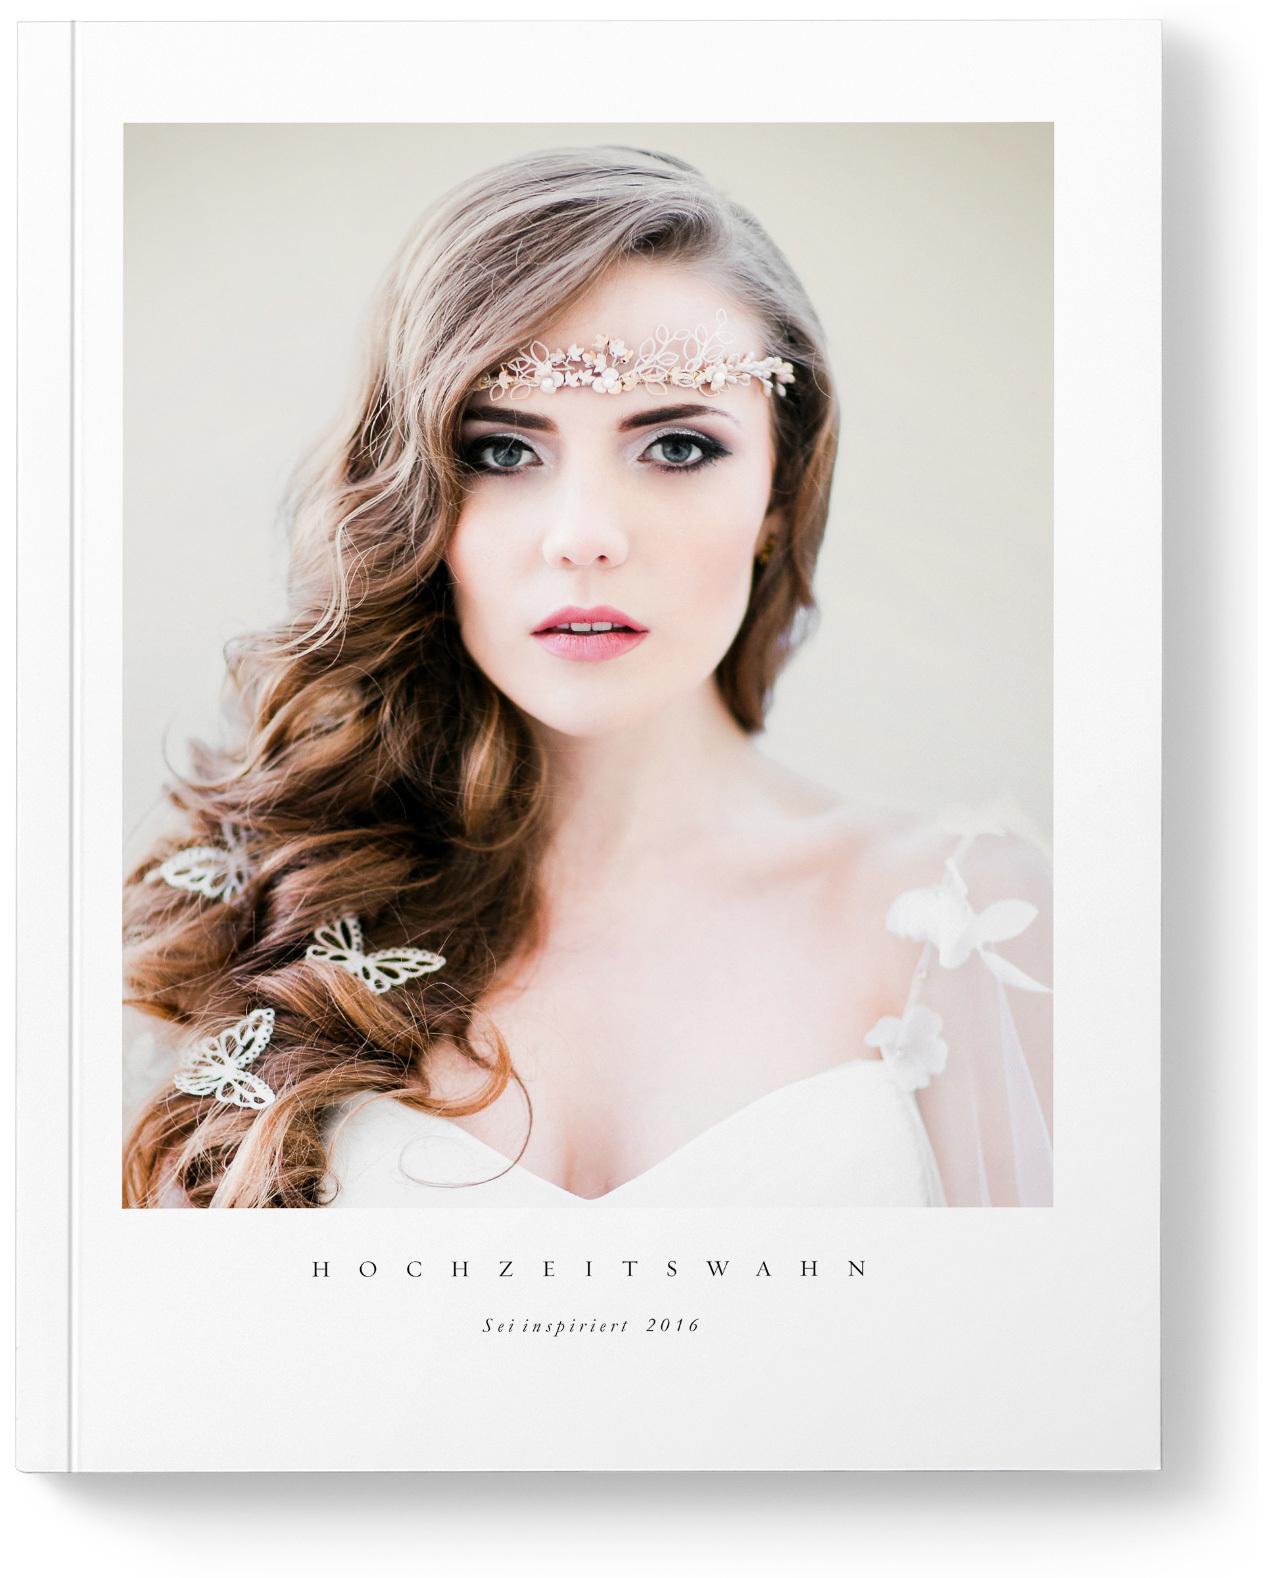 Hochzeitswahn - Sei inspiriert Buch No.3 201601